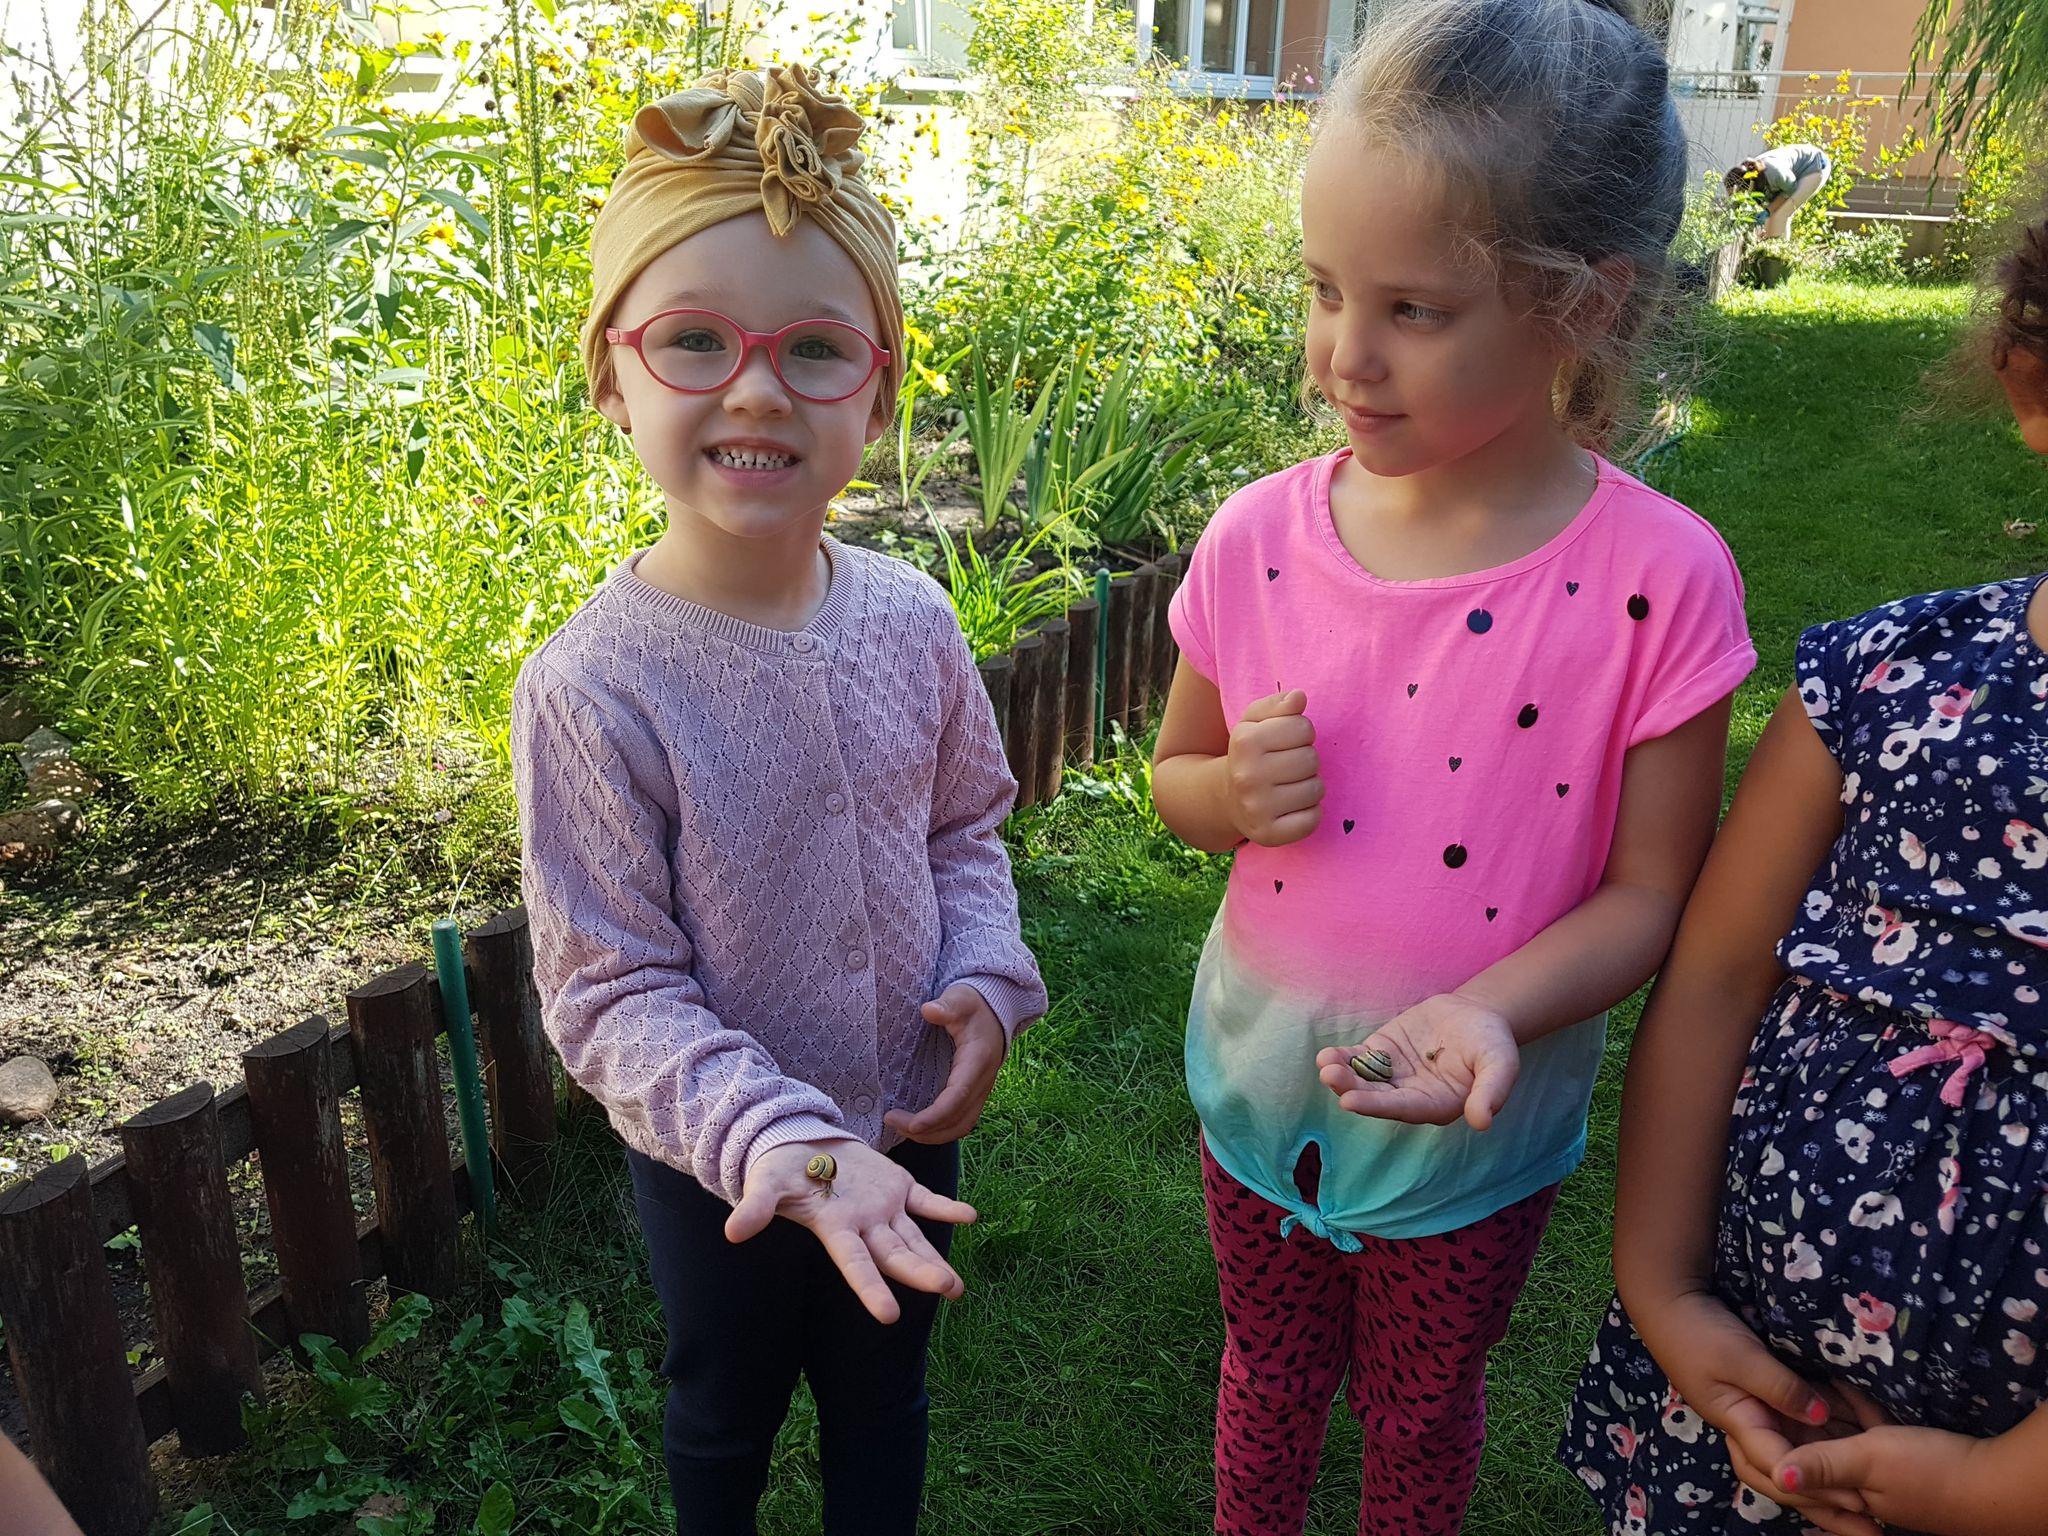 Pierwsze zabawy grupy VII w ogrodzie przedszkolnym